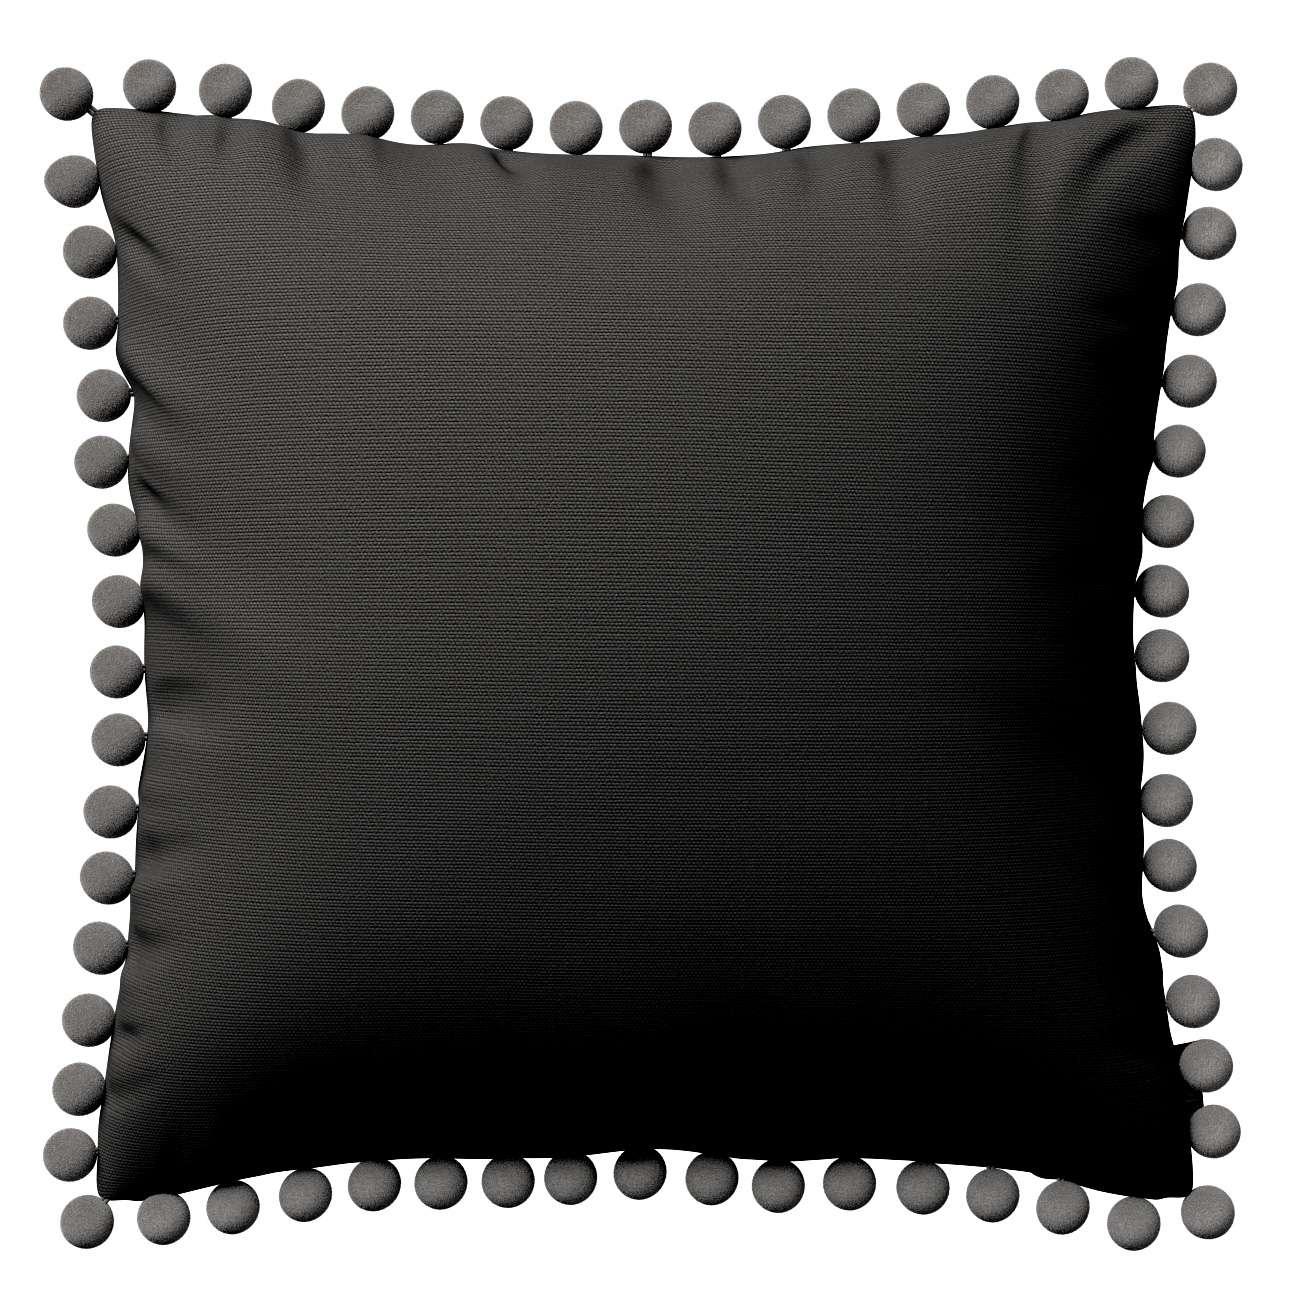 Wera dekoratyvinės pagalvėlės su žaismingais kraštais 45 x 45 cm kolekcijoje Cotton Panama, audinys: 702-08